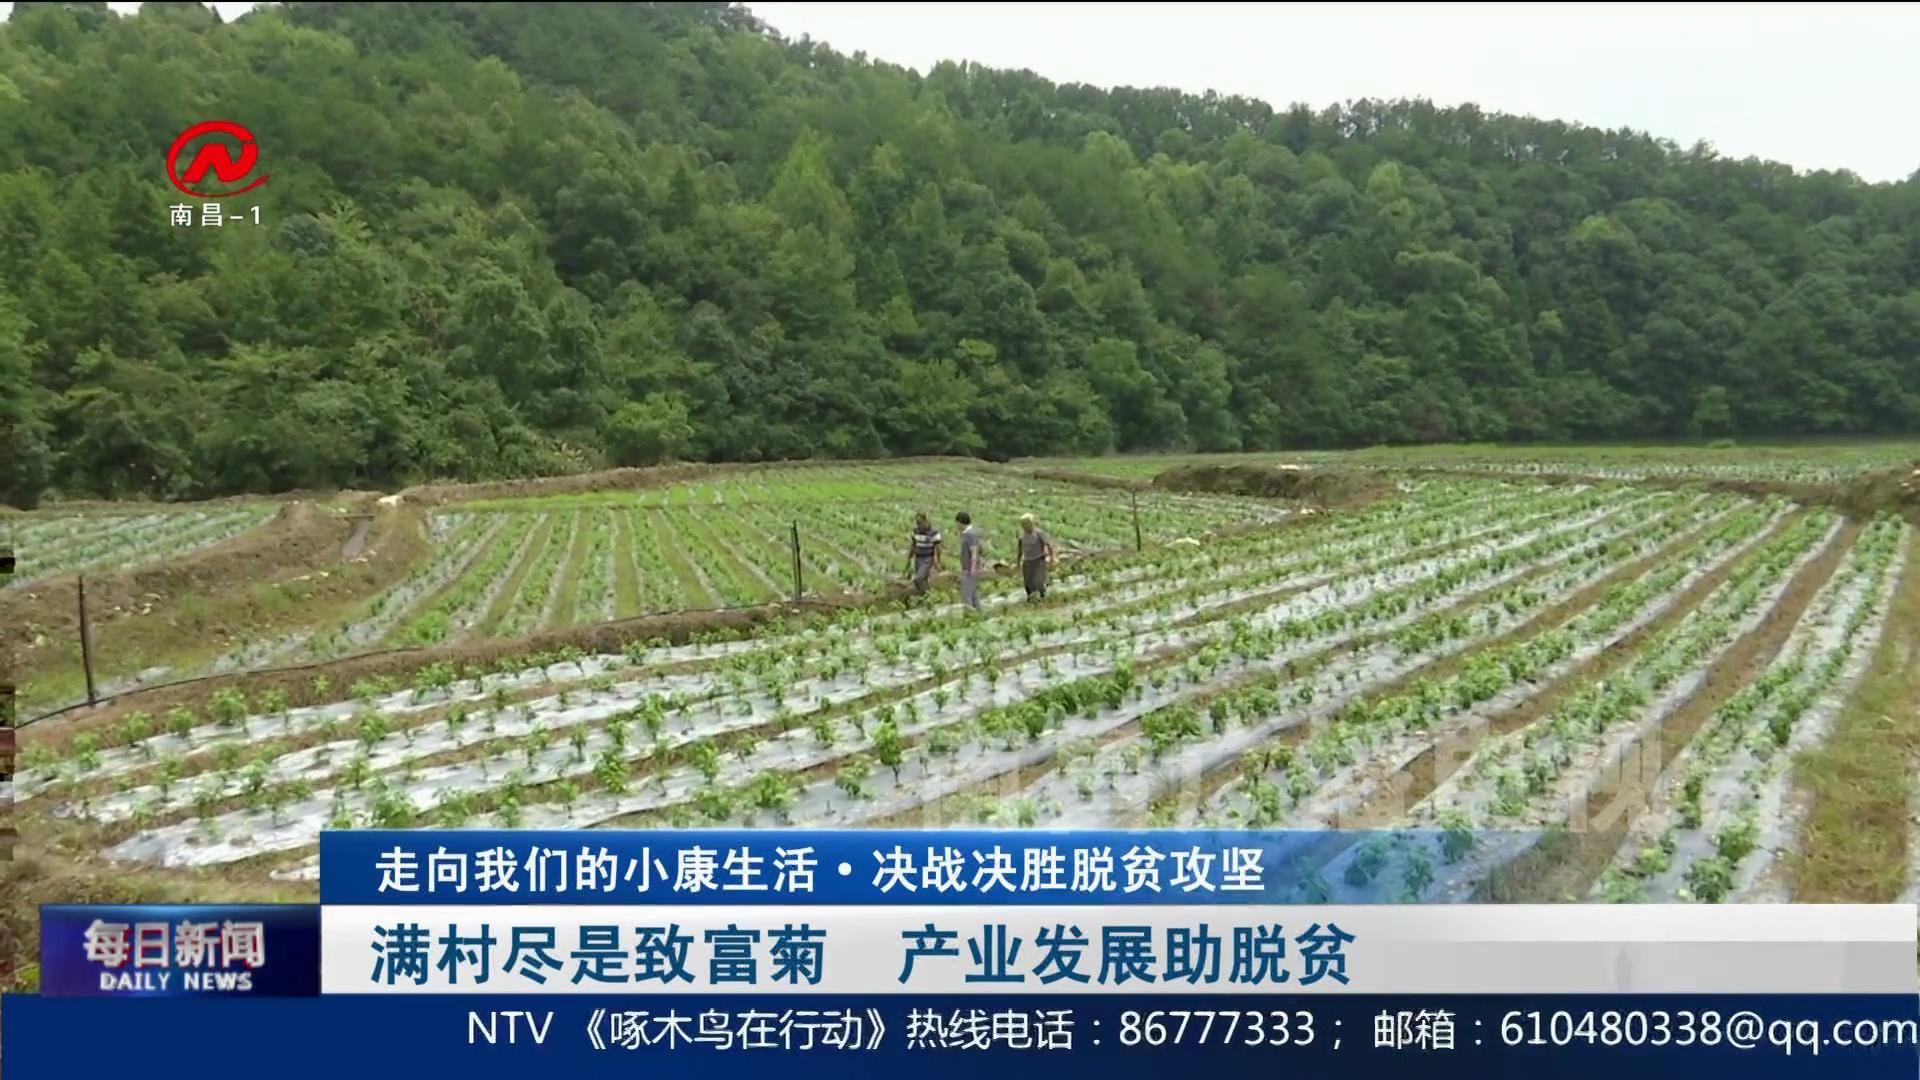 滿村盡是致富菊  產業發展助脫貧